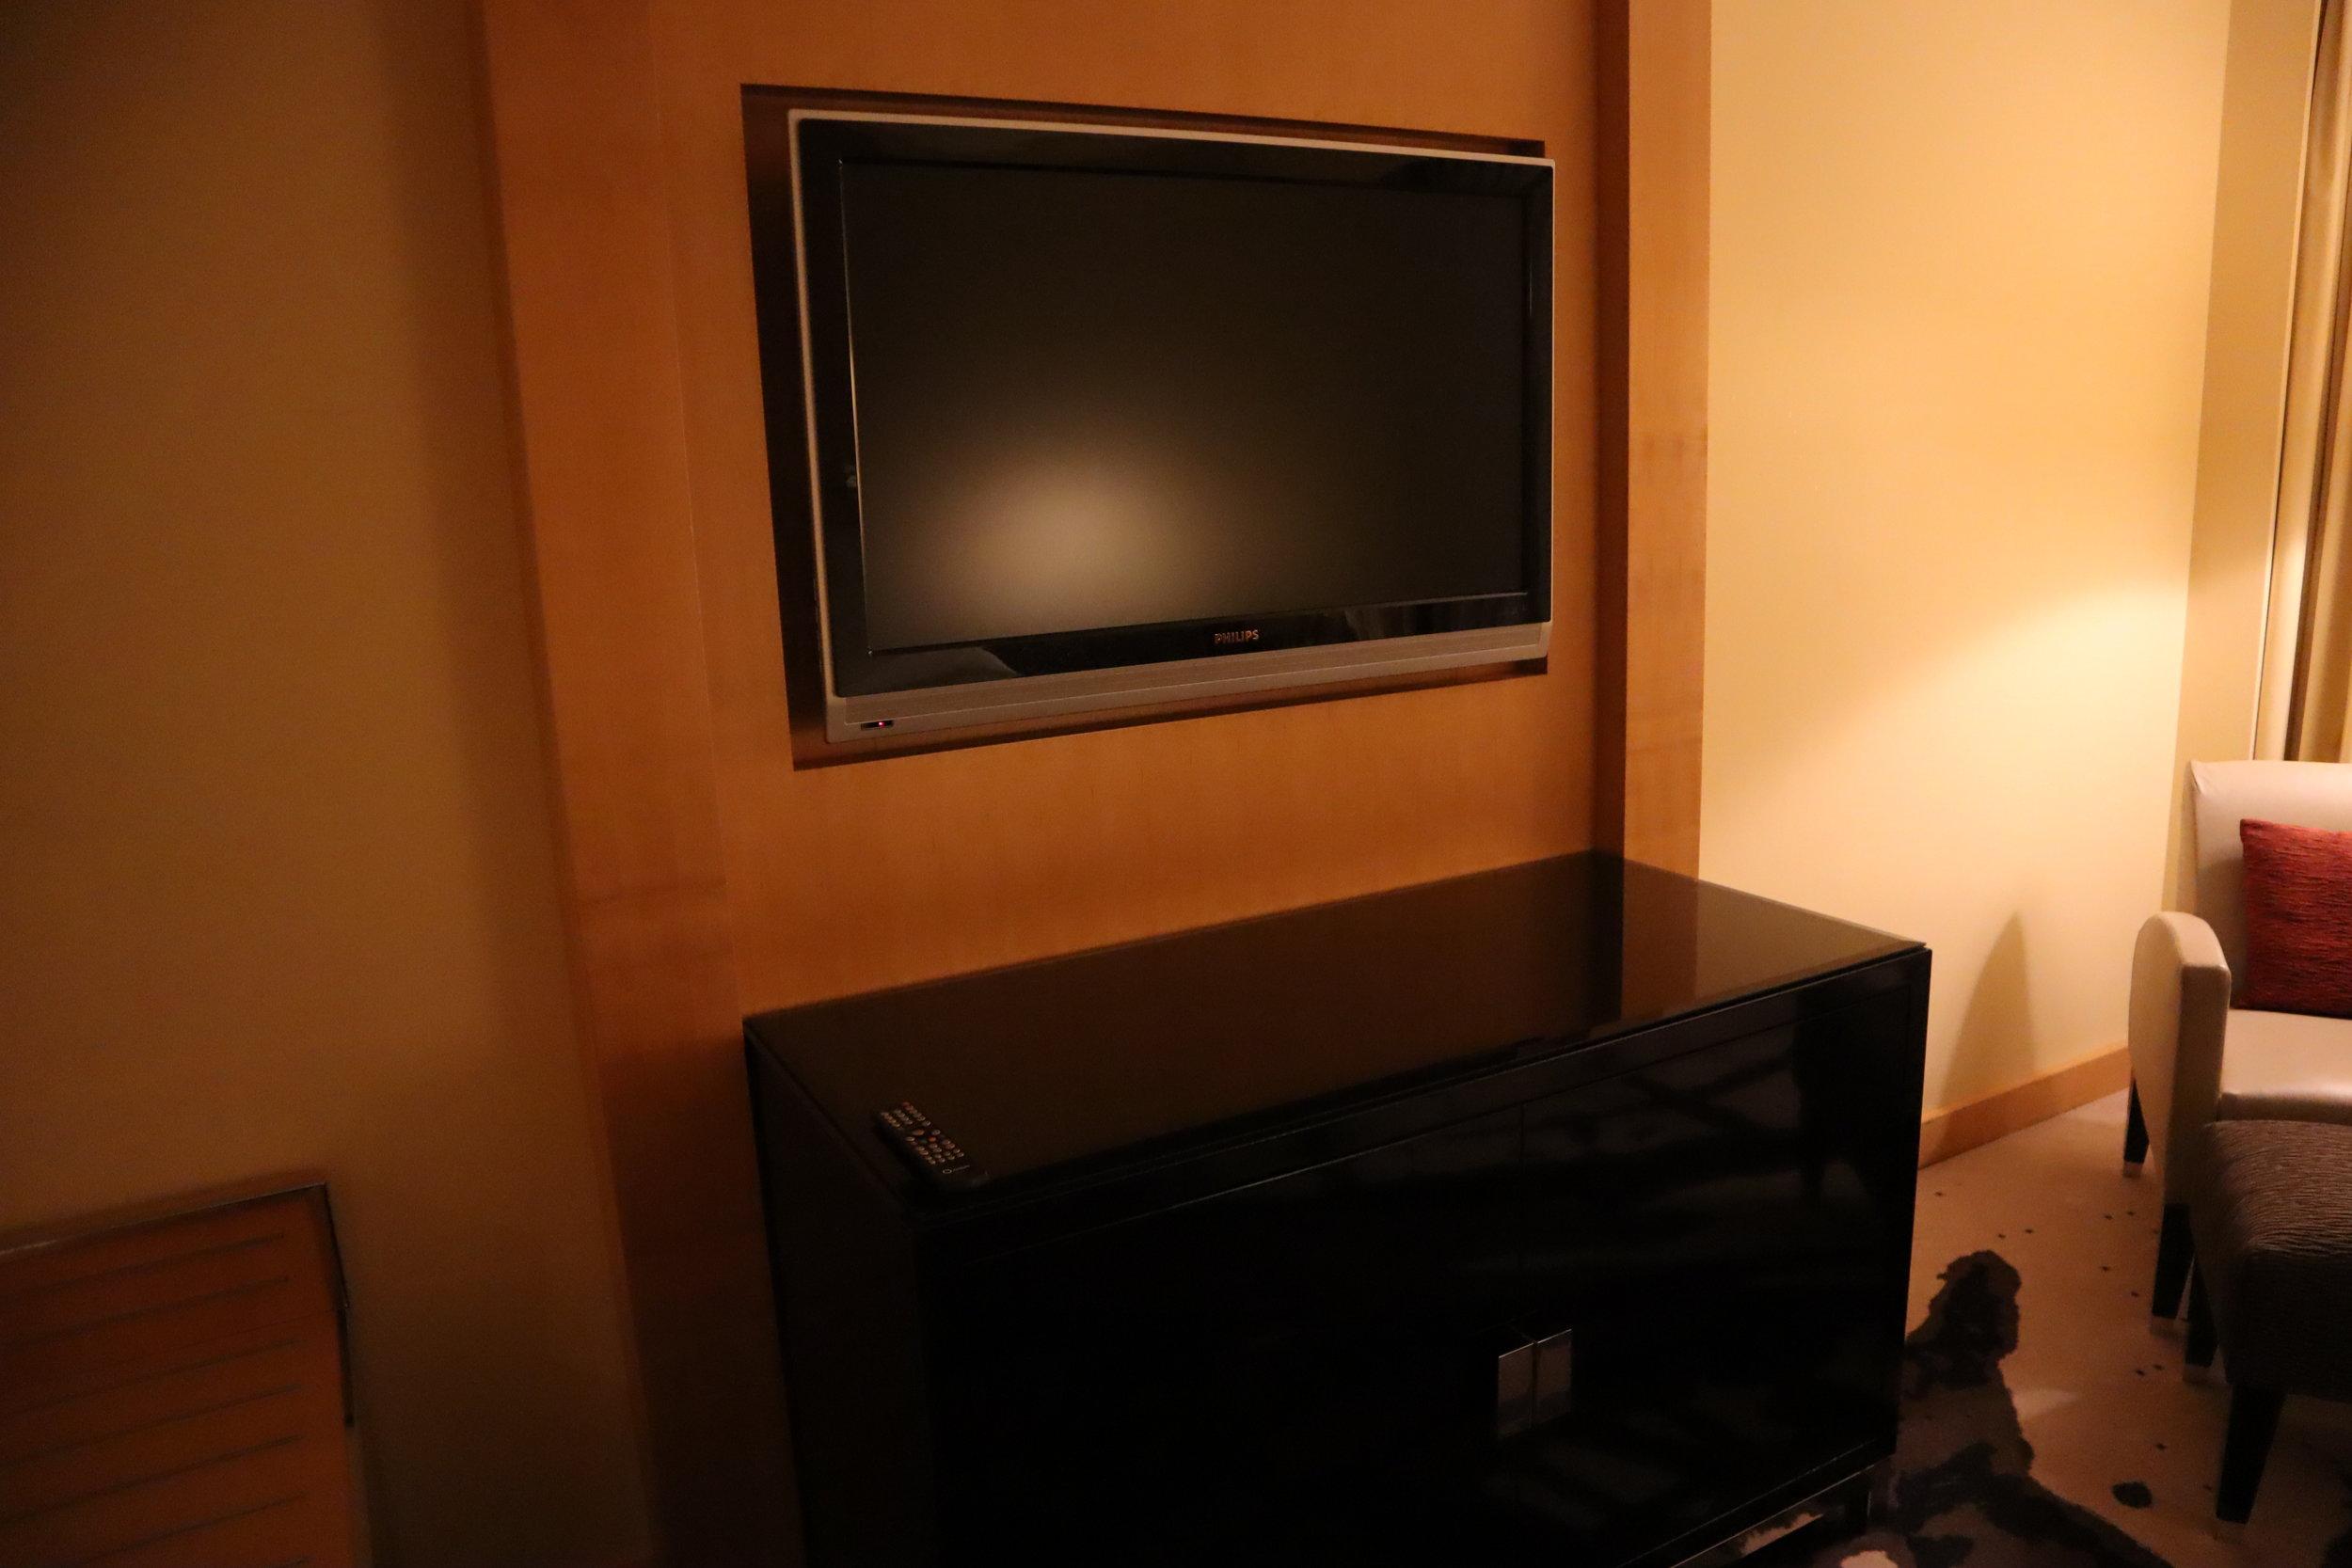 Le Méridien Munich – Television and cabinet